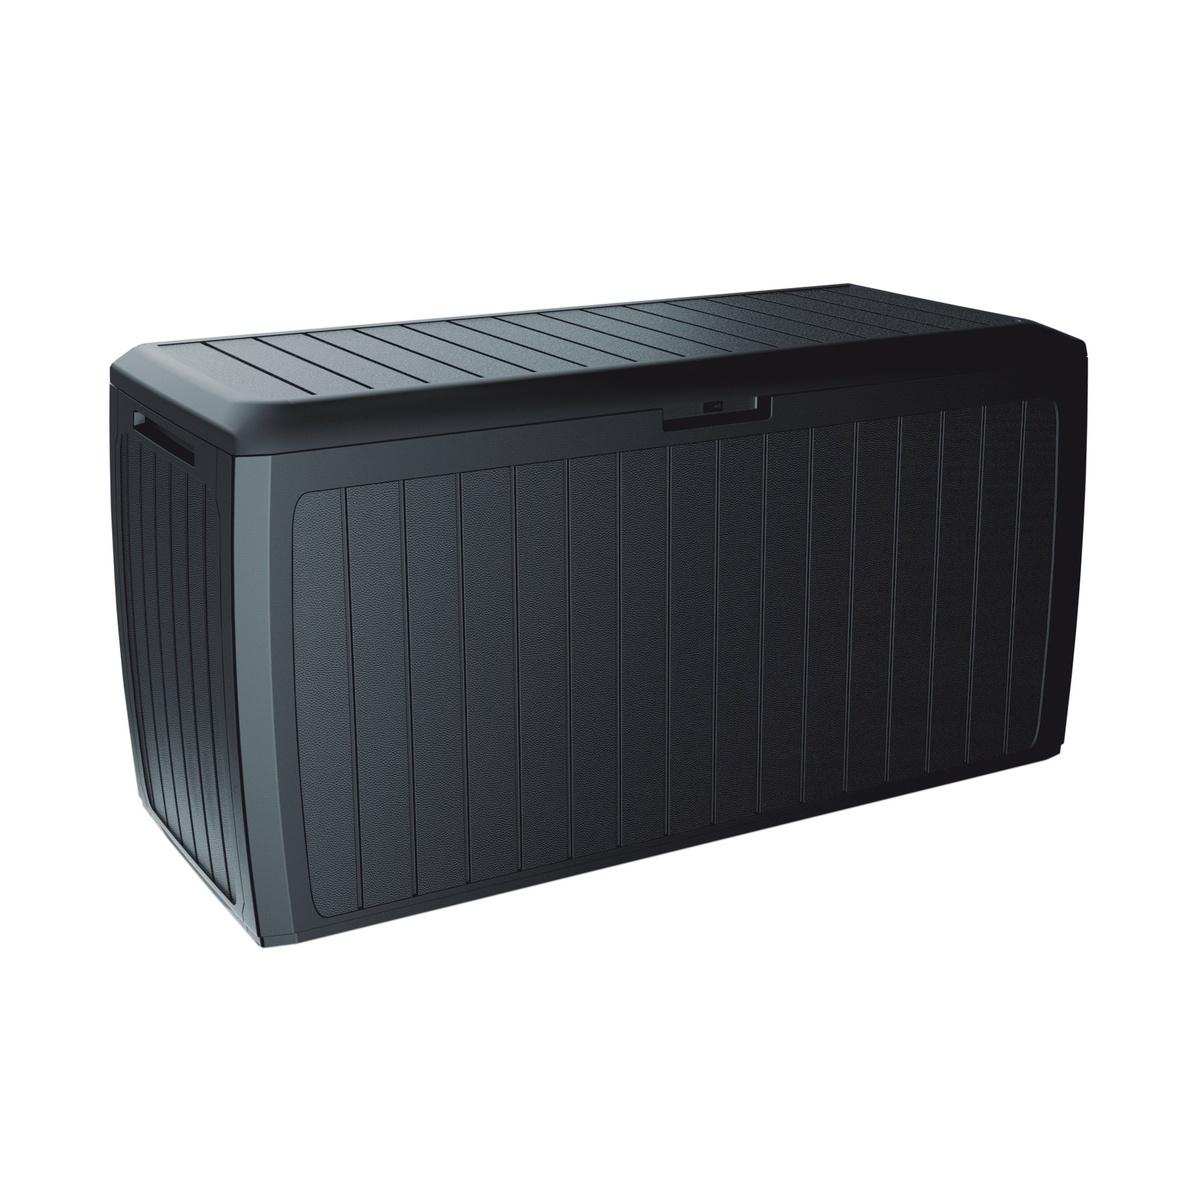 Záhradný úložný box Boxe Board antracit, 290 l, 116 cm